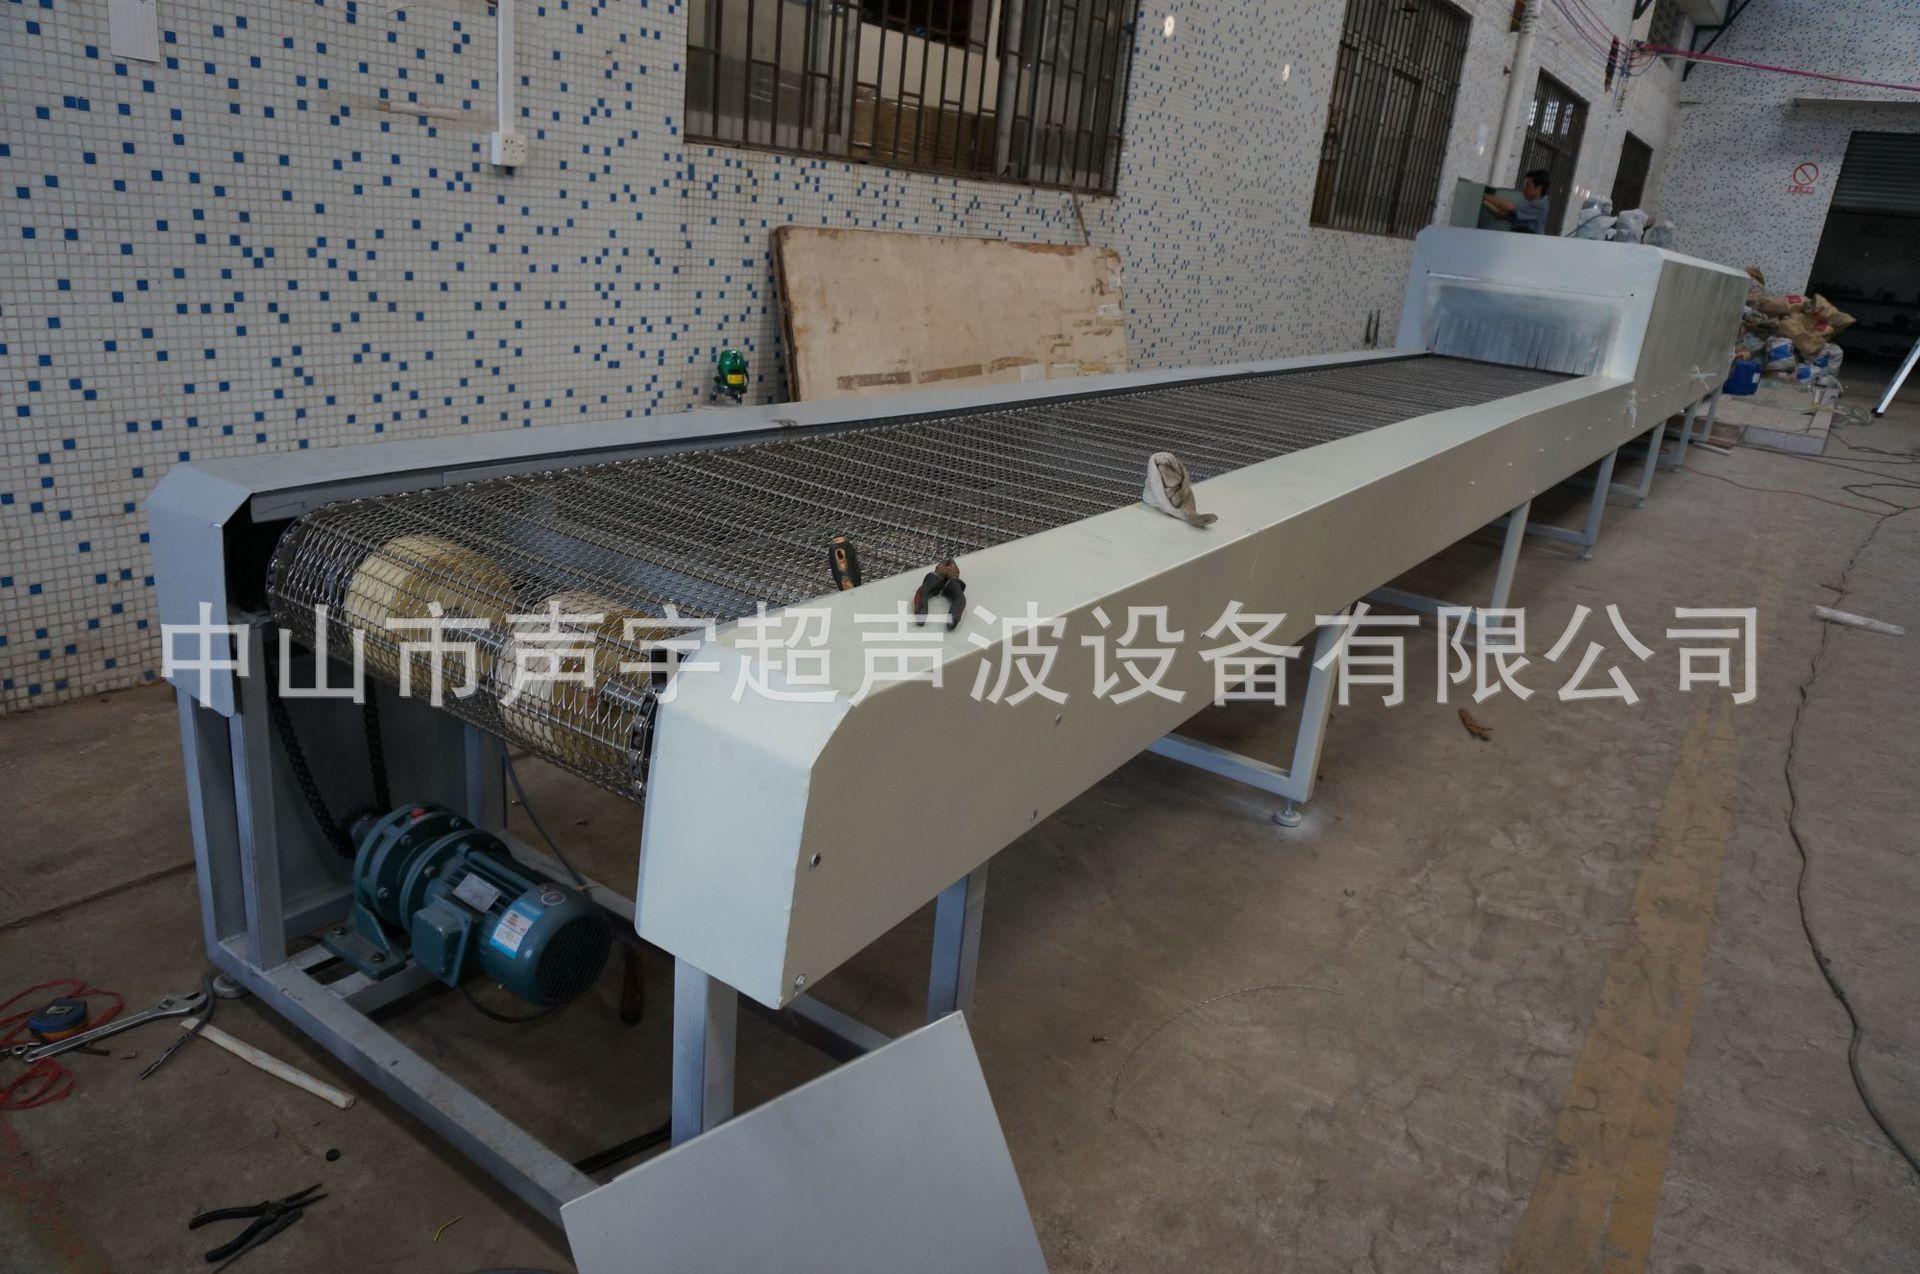 烘干固化设备_东莞隧道炉烘干涂装流水线隧道炉烘干固化厂家定制